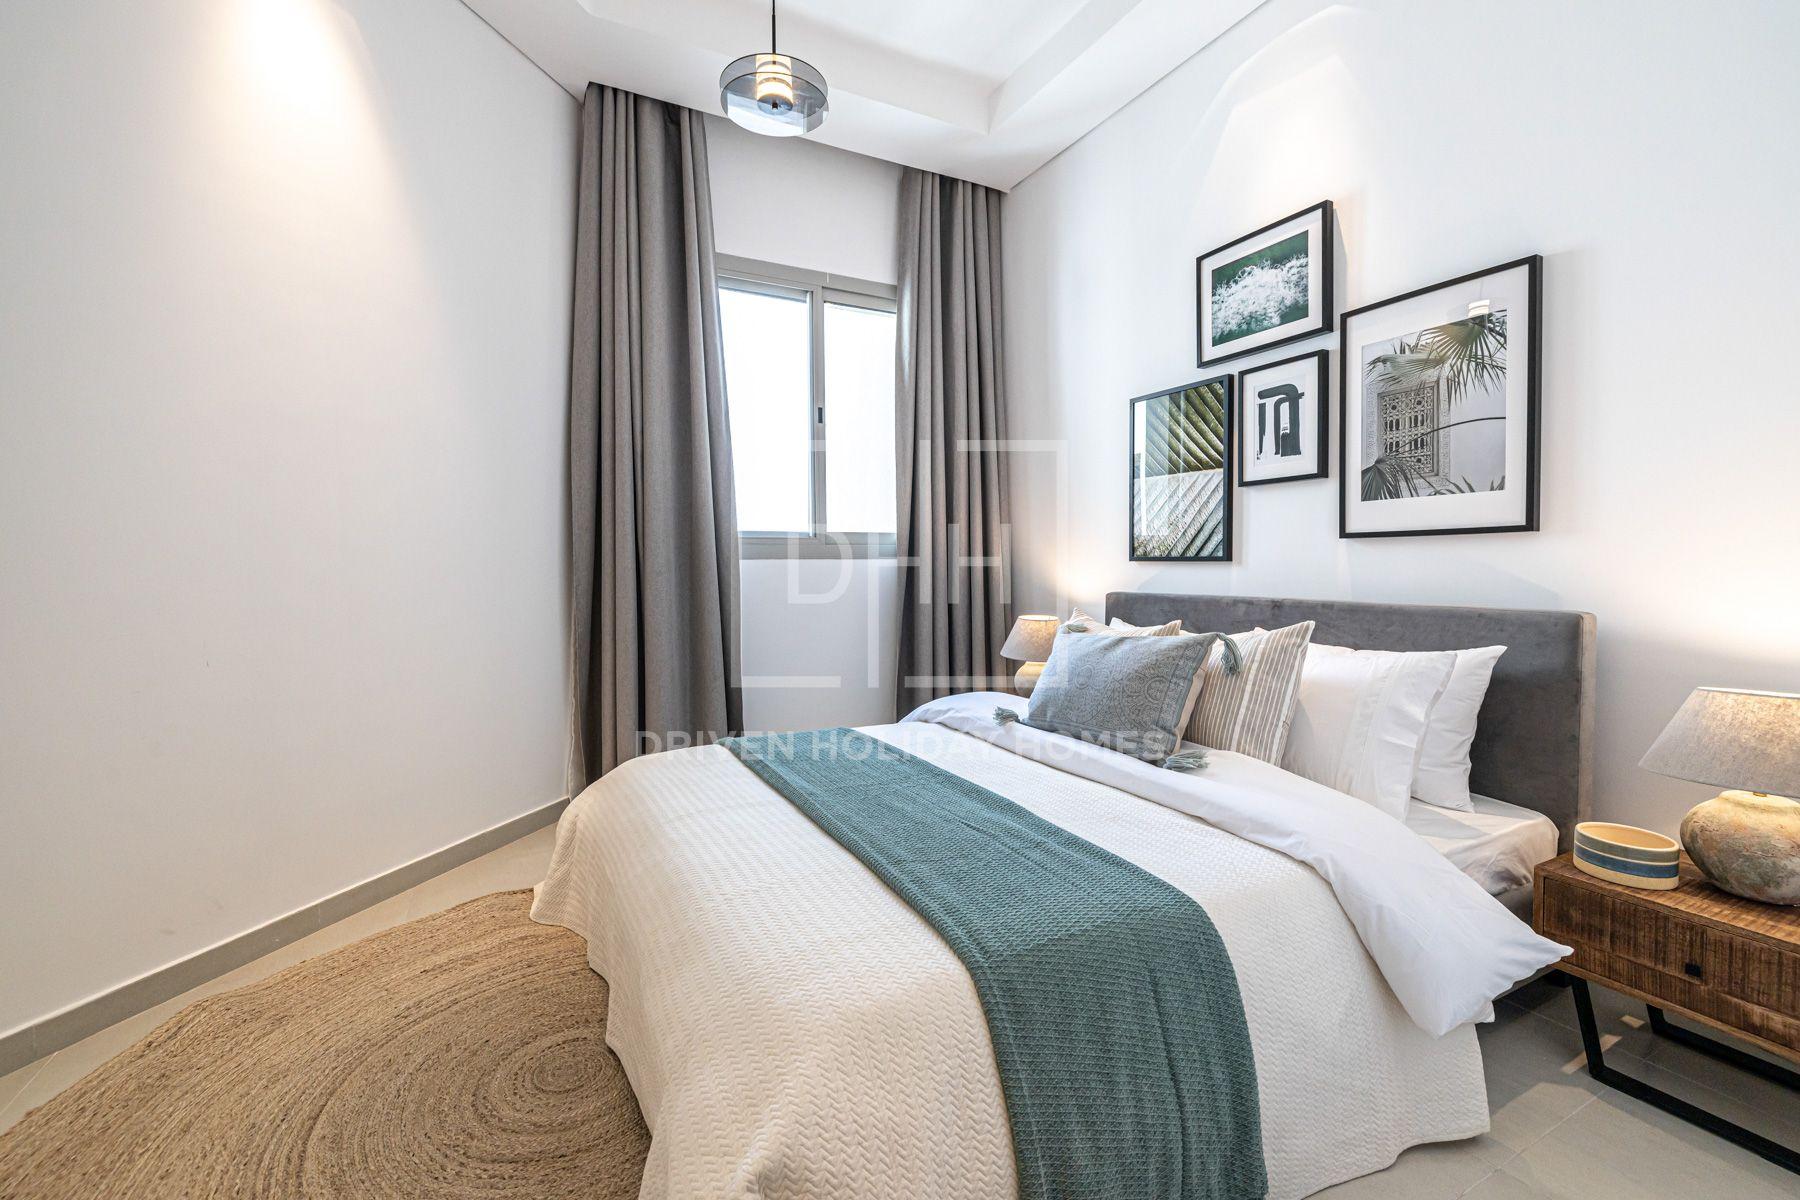 Apartment for Rent in API 1000 - Umm Al Sheif